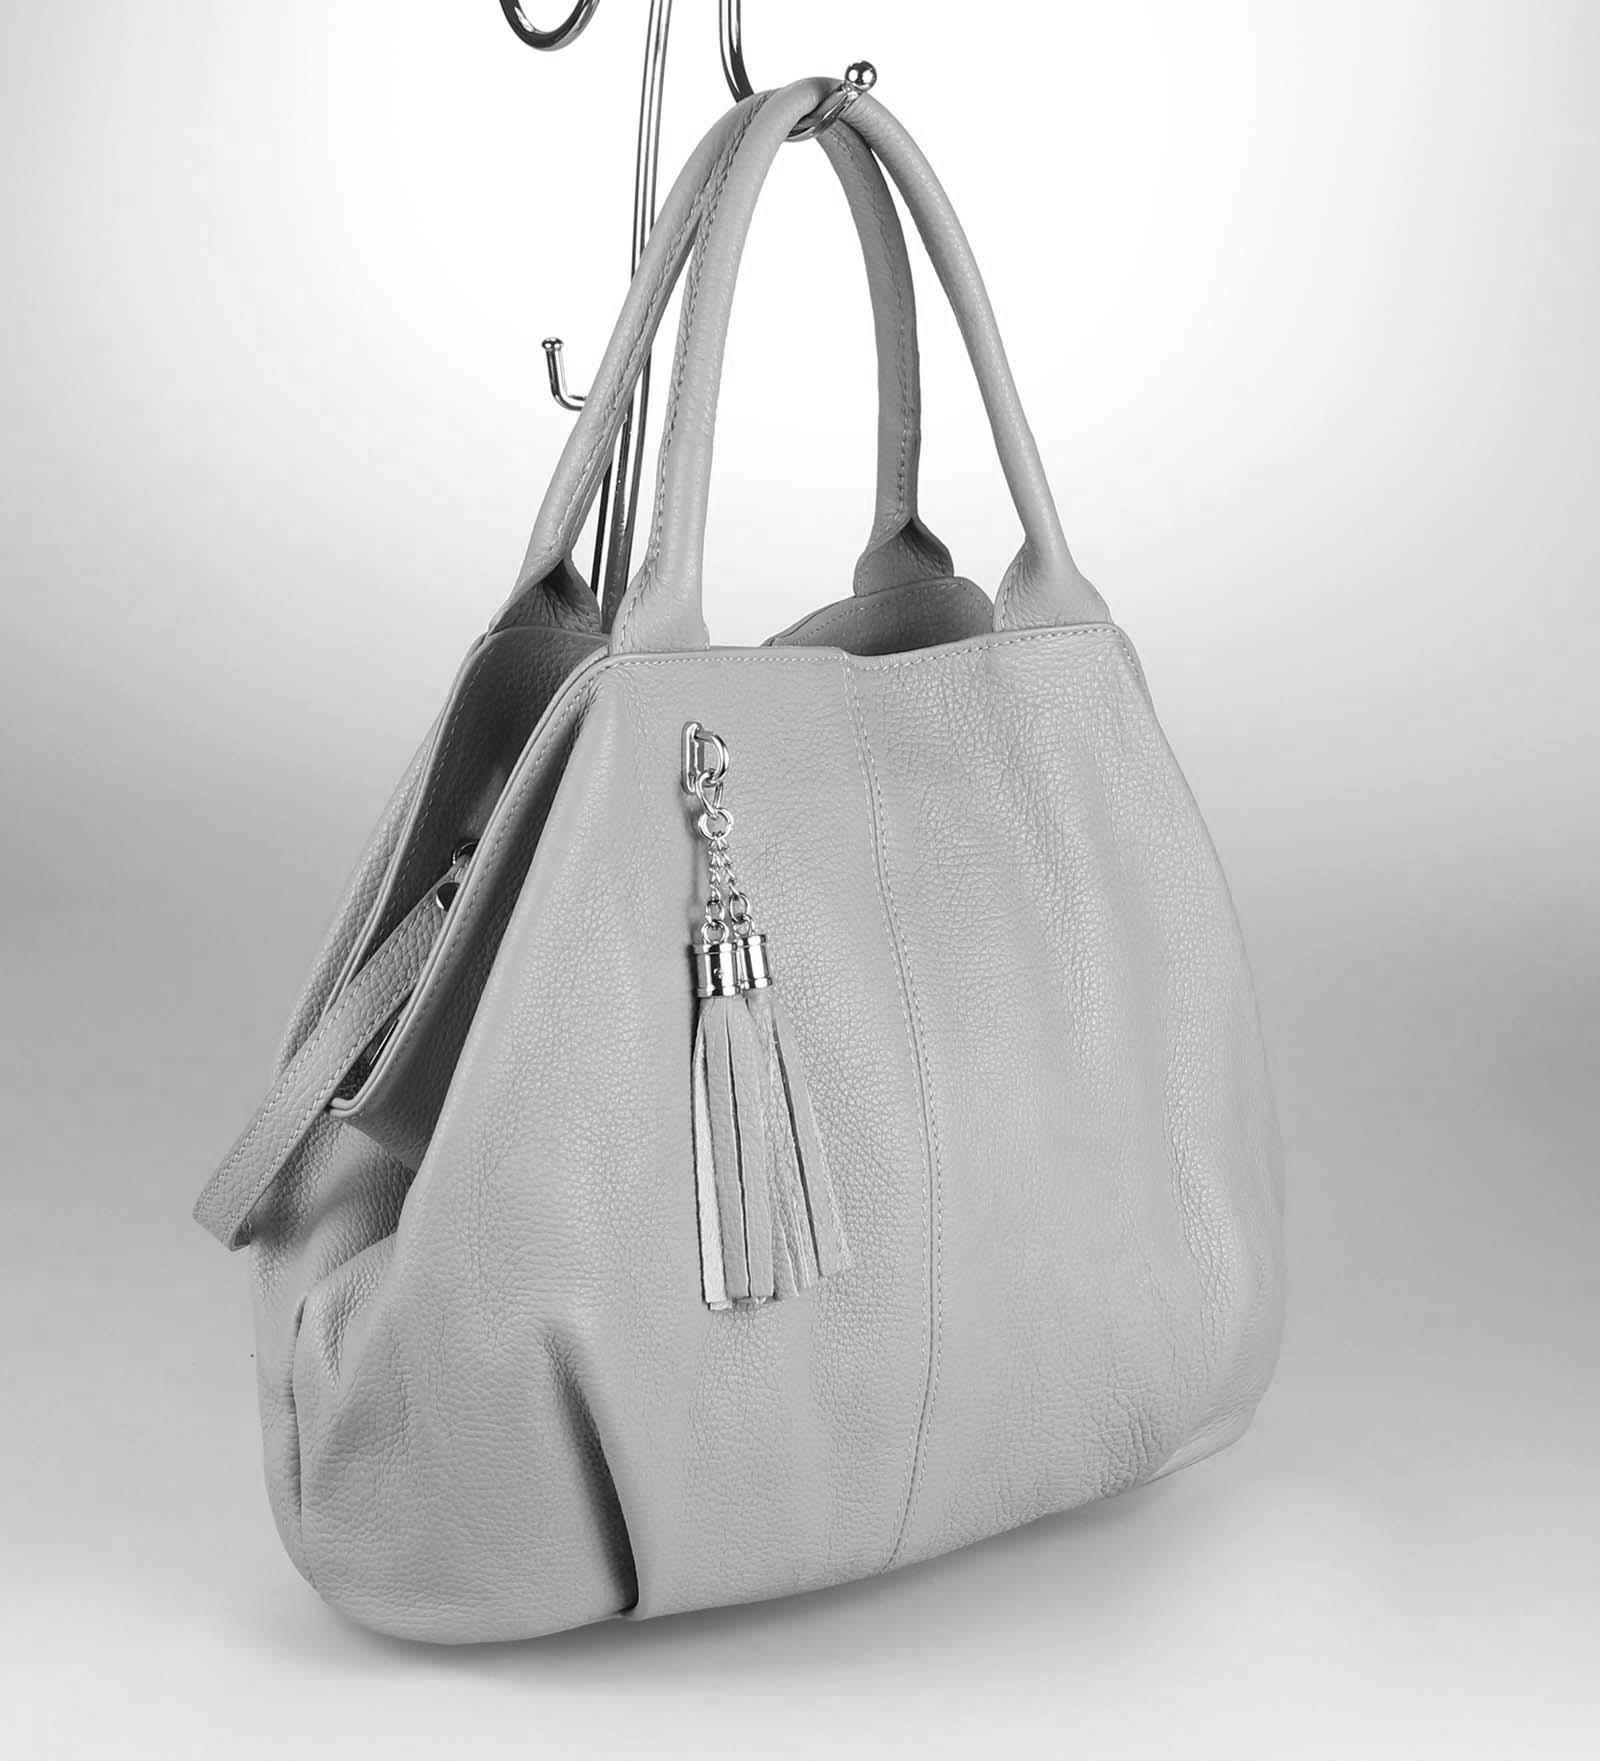 ITALY-LEDER-SHOPPER-Umhaengetasche-Schulter-Hand-Tasche-Damentasche-Ledertasche Indexbild 30